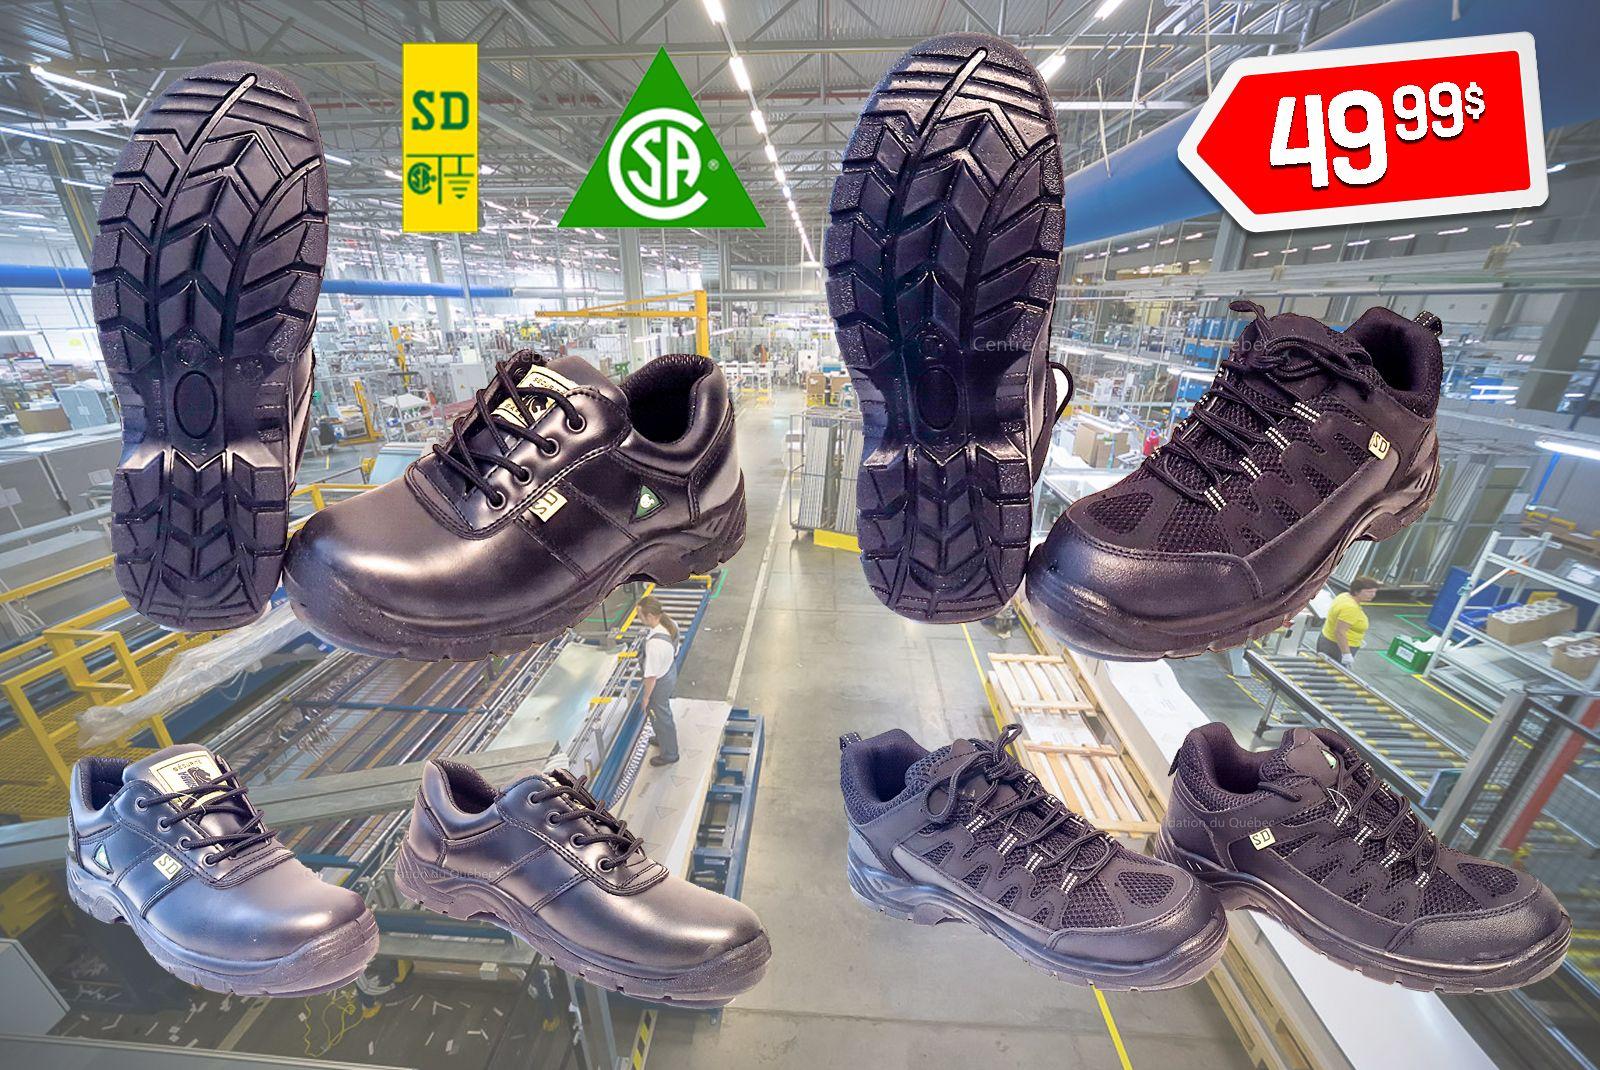 meilleure sélection 7f654 e3b21 Promotions | Uniforme de travail | Promo chaussures ...